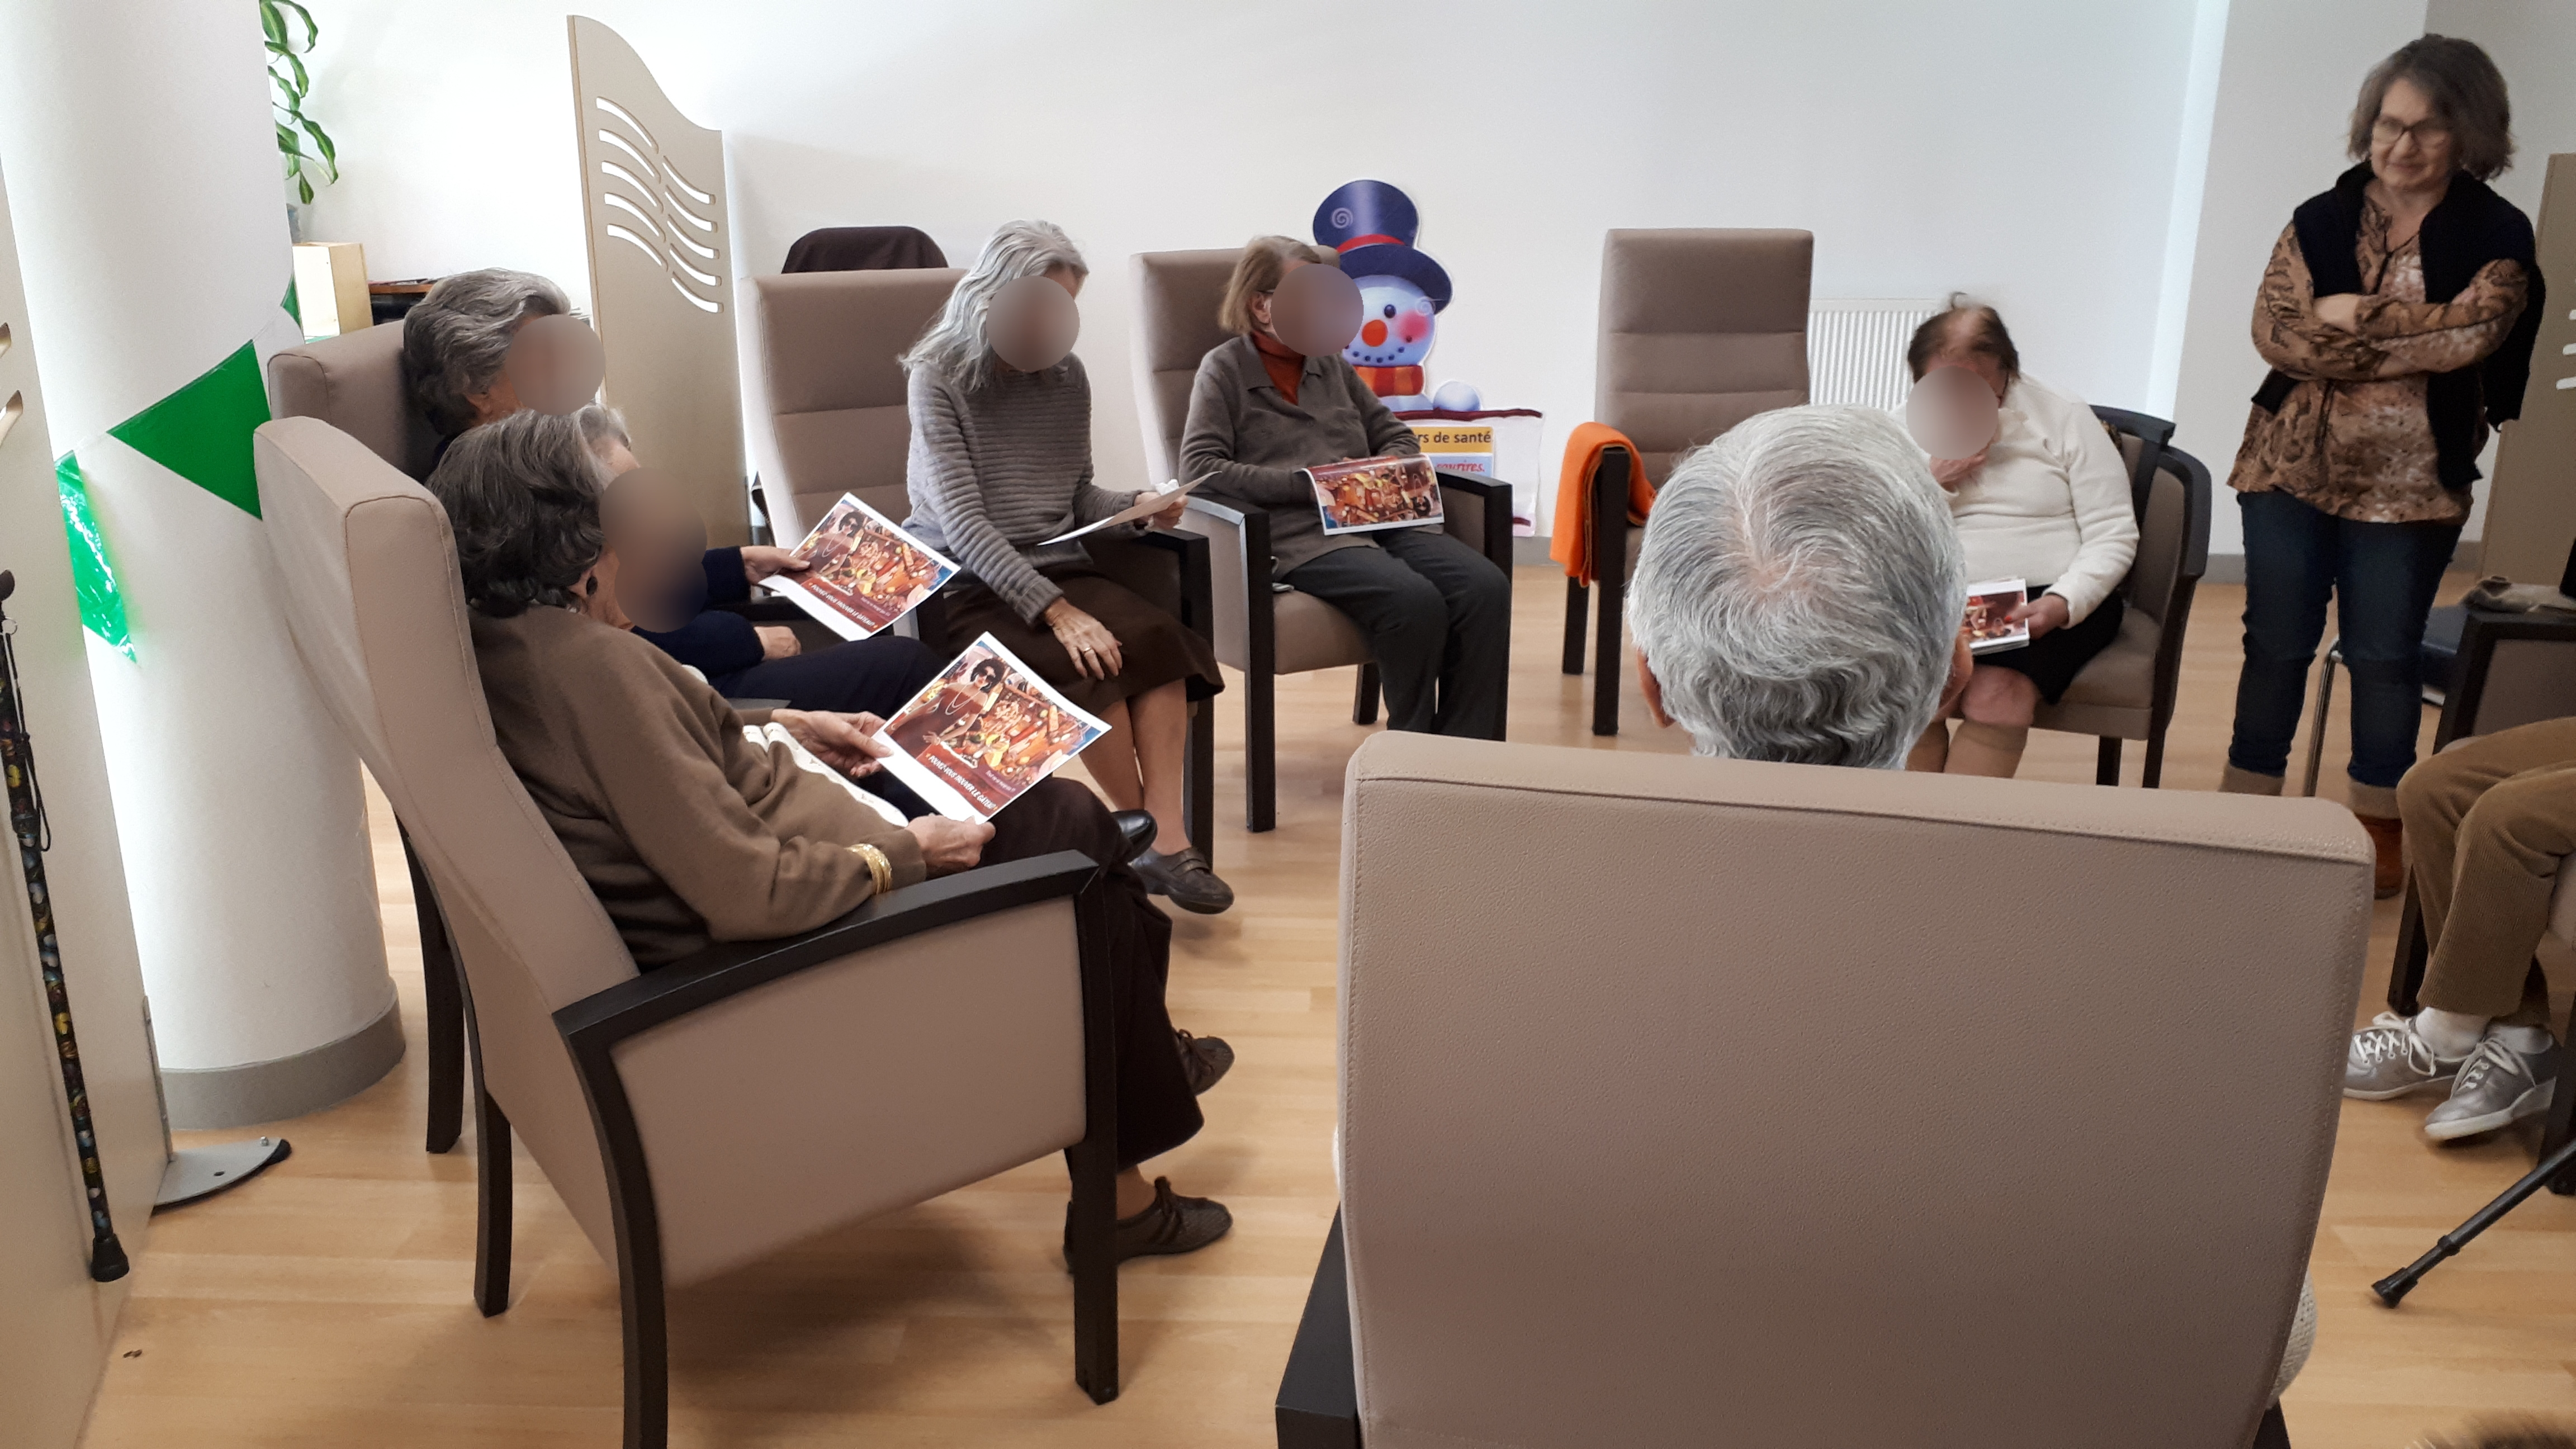 Le Val-de-Marne donne des tablettes aux maisons de retraite et réclame un fonds d'urgence Covid 19 - Ehpad